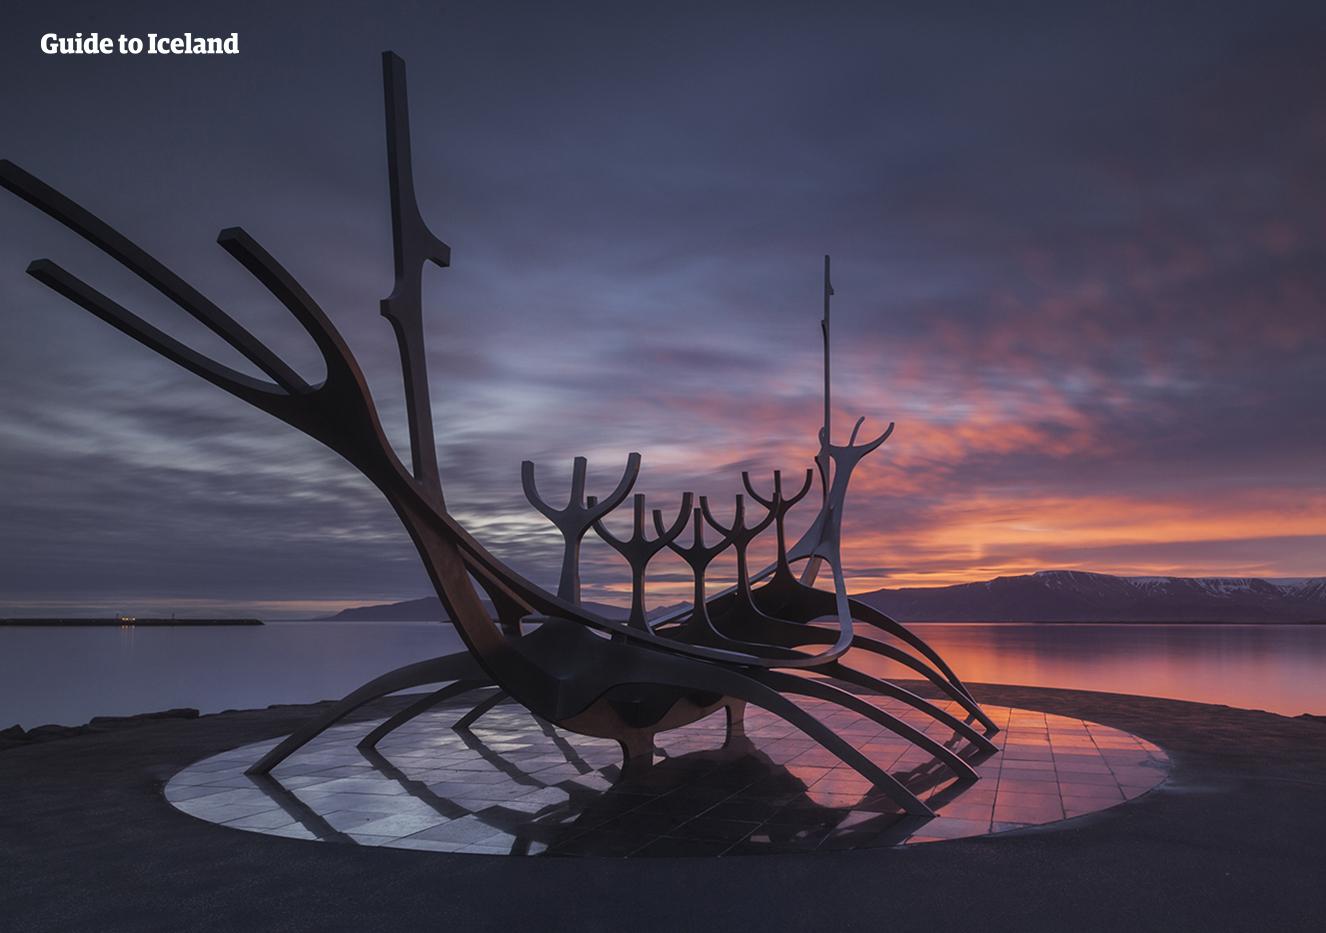 De Zonnevaarder is een van de meest herkenbare bezienswaardigheden van Reykjavík.